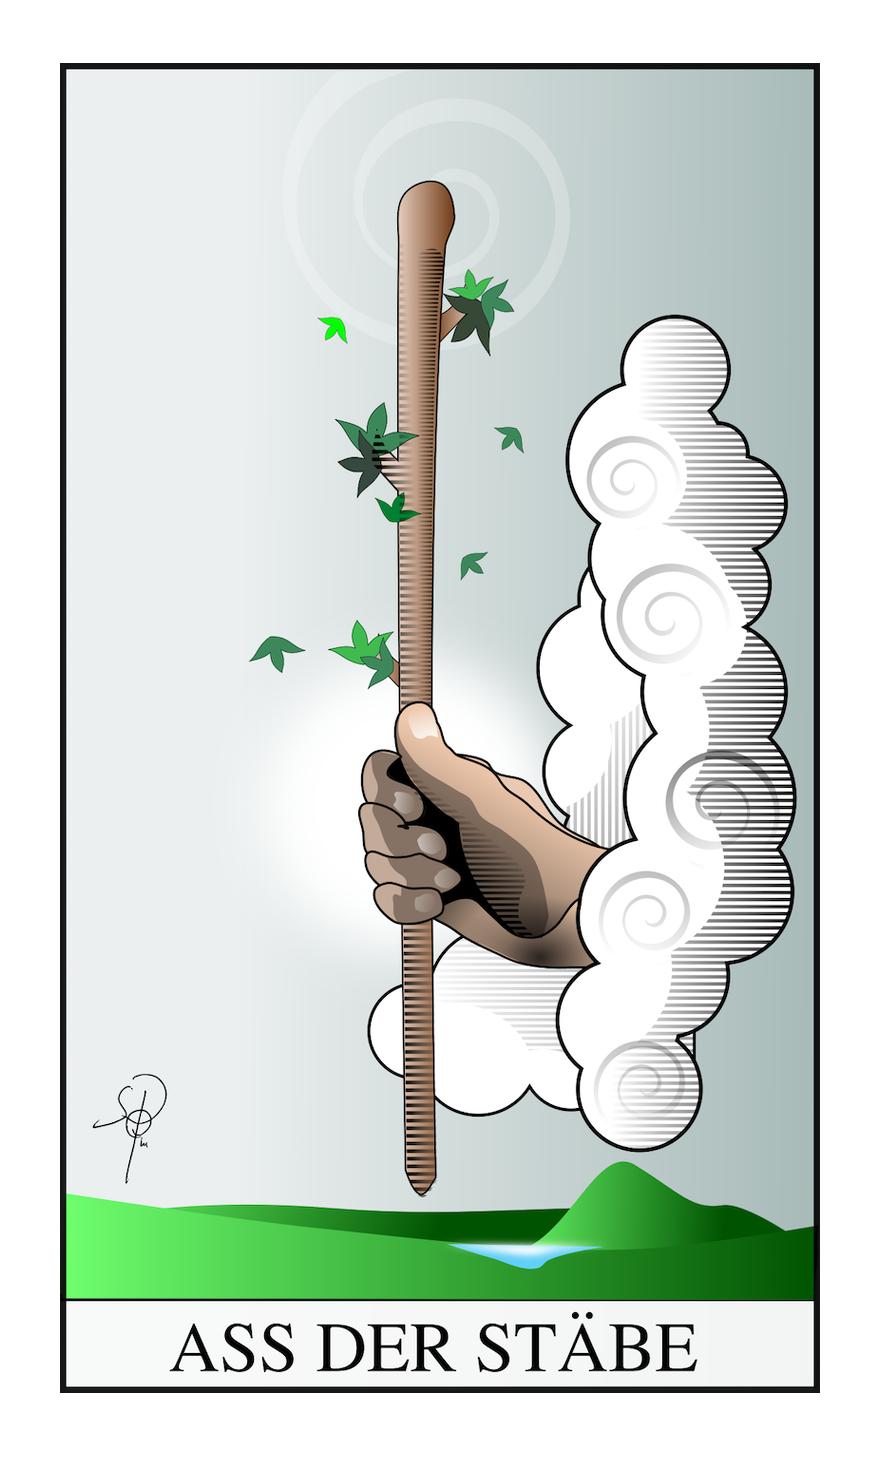 Tarot Ass der Stäbe